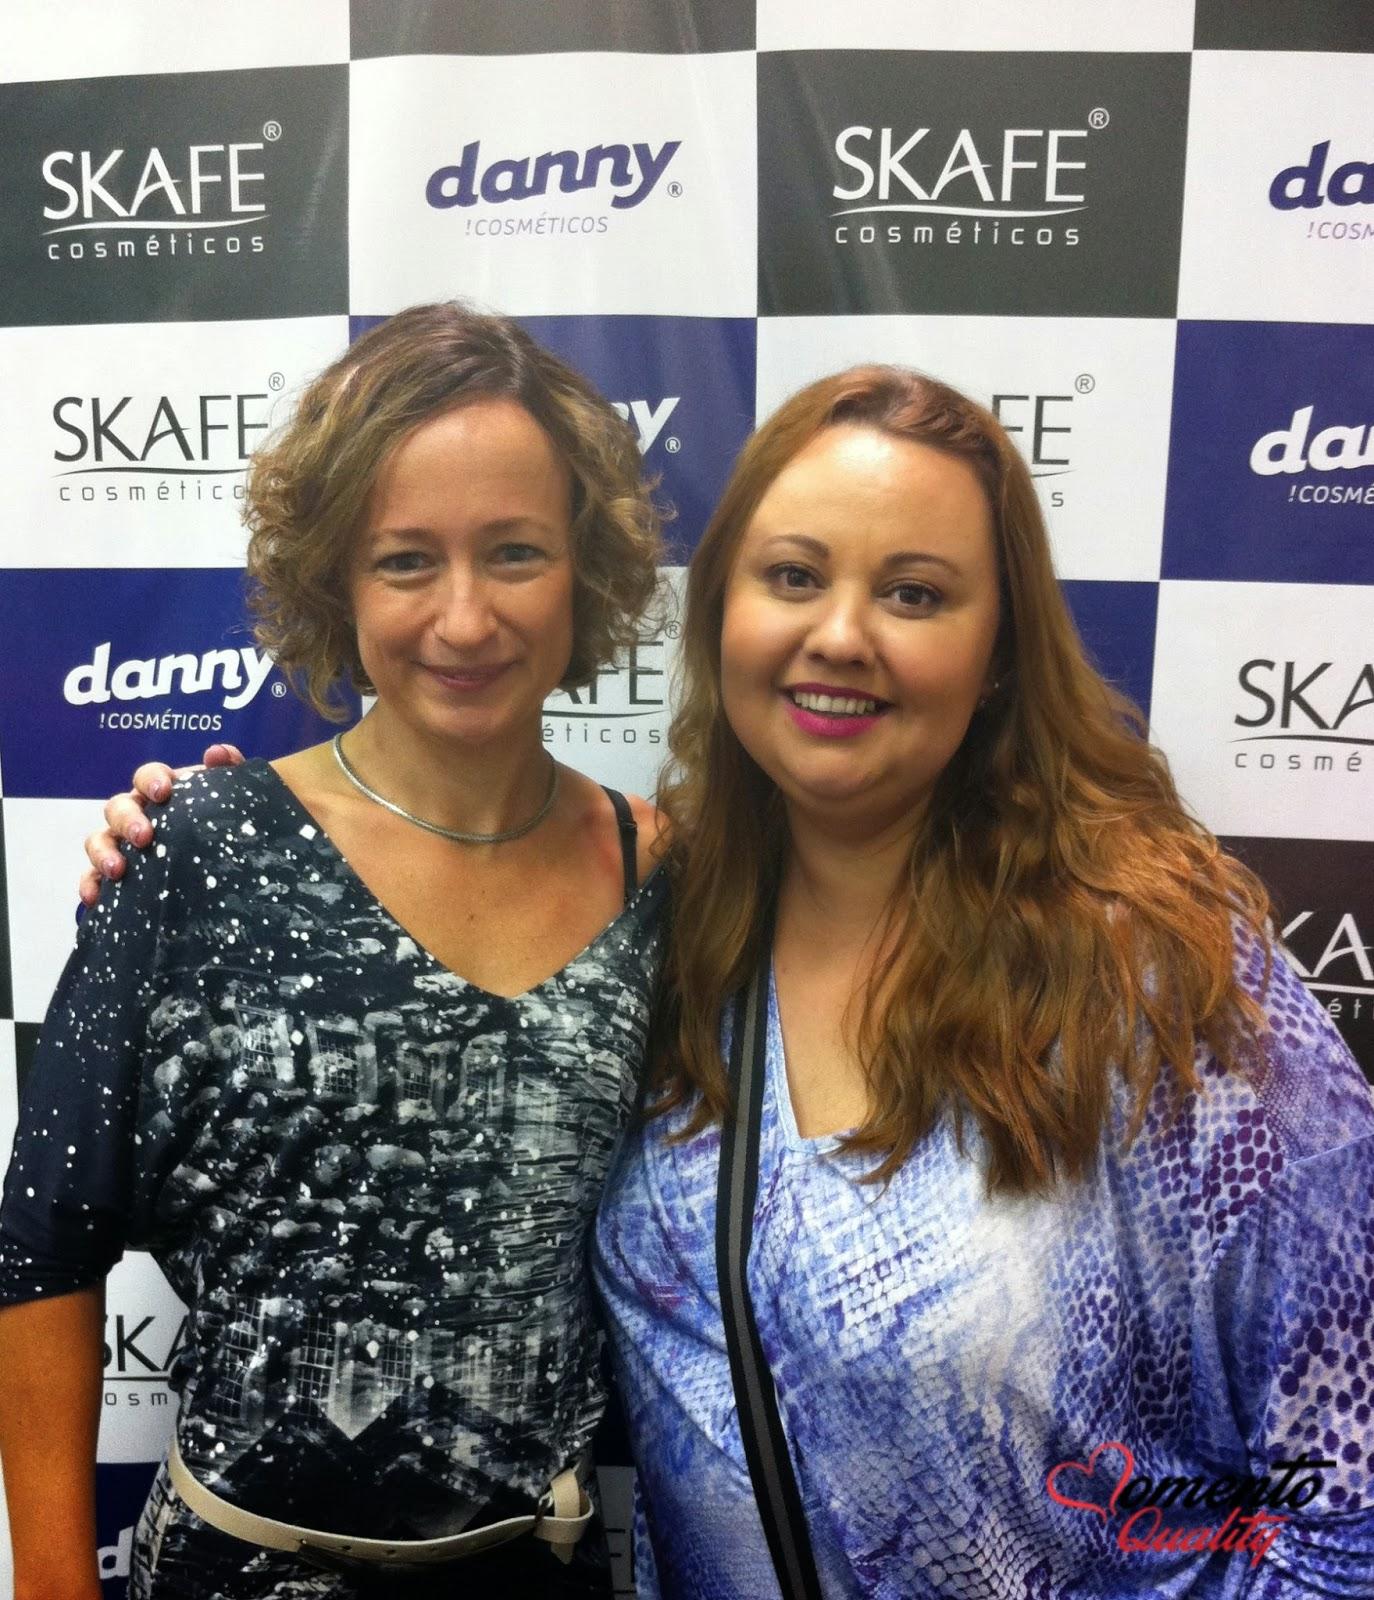 1º Encontro de Blogueiras Danny e Skafe